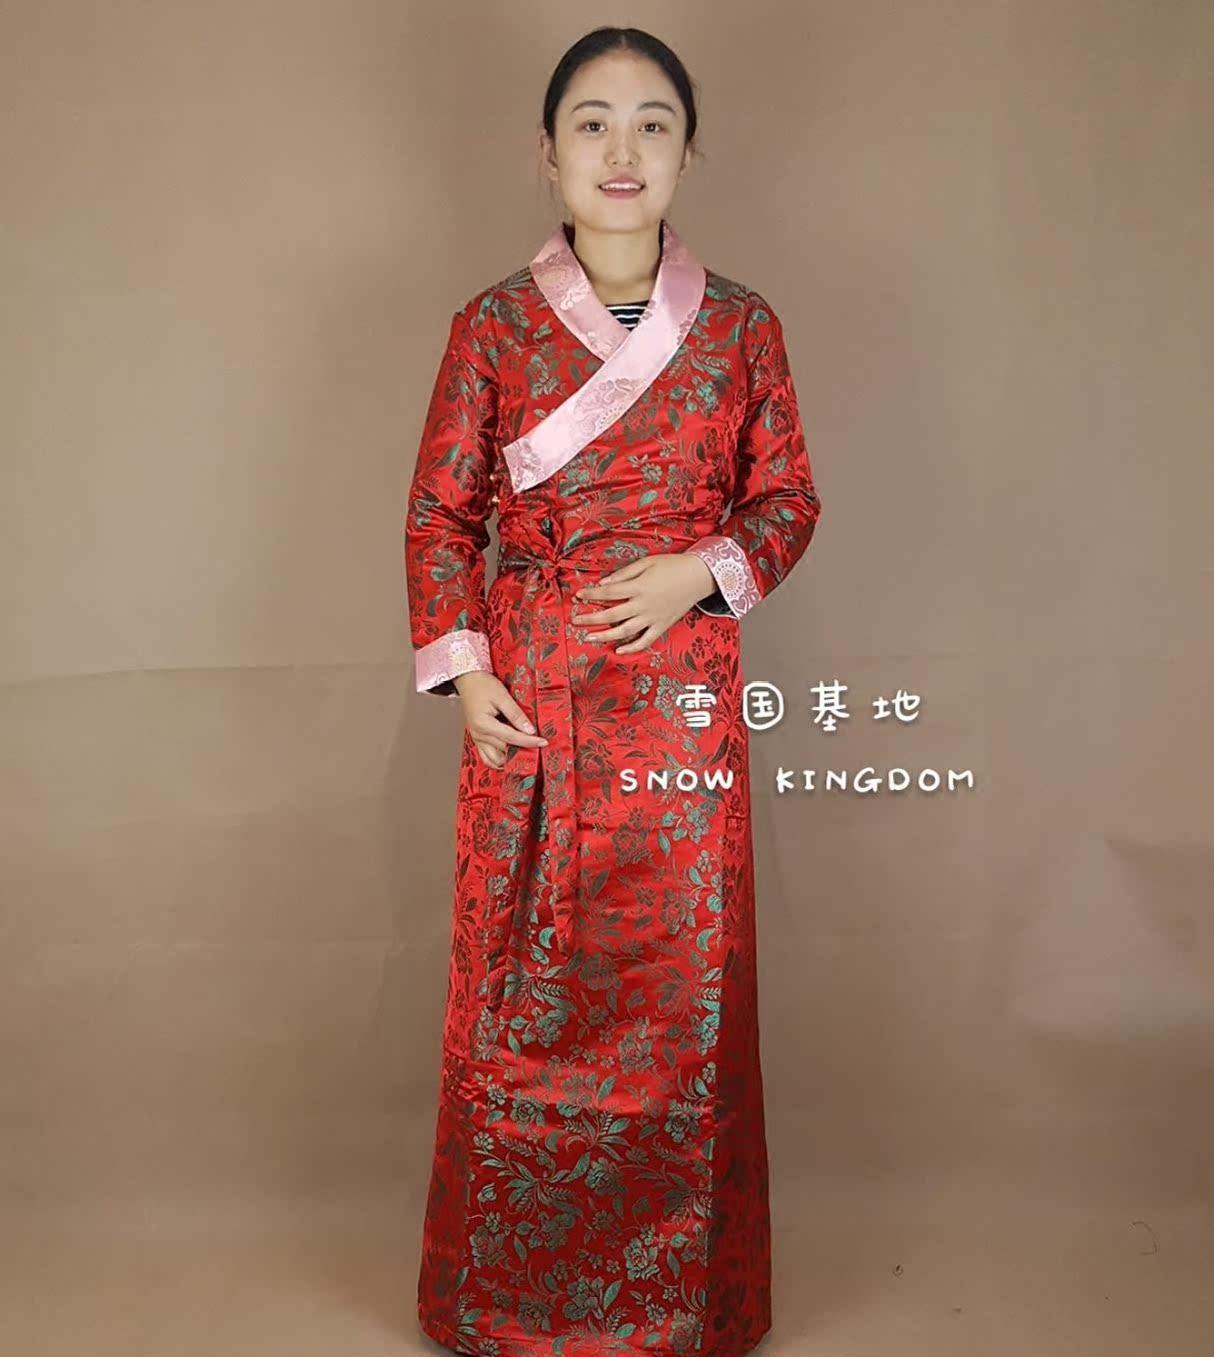 苏拉克夏西藏女款西藏服民族风藏式服装西式藏装演出锅庄表演礼服